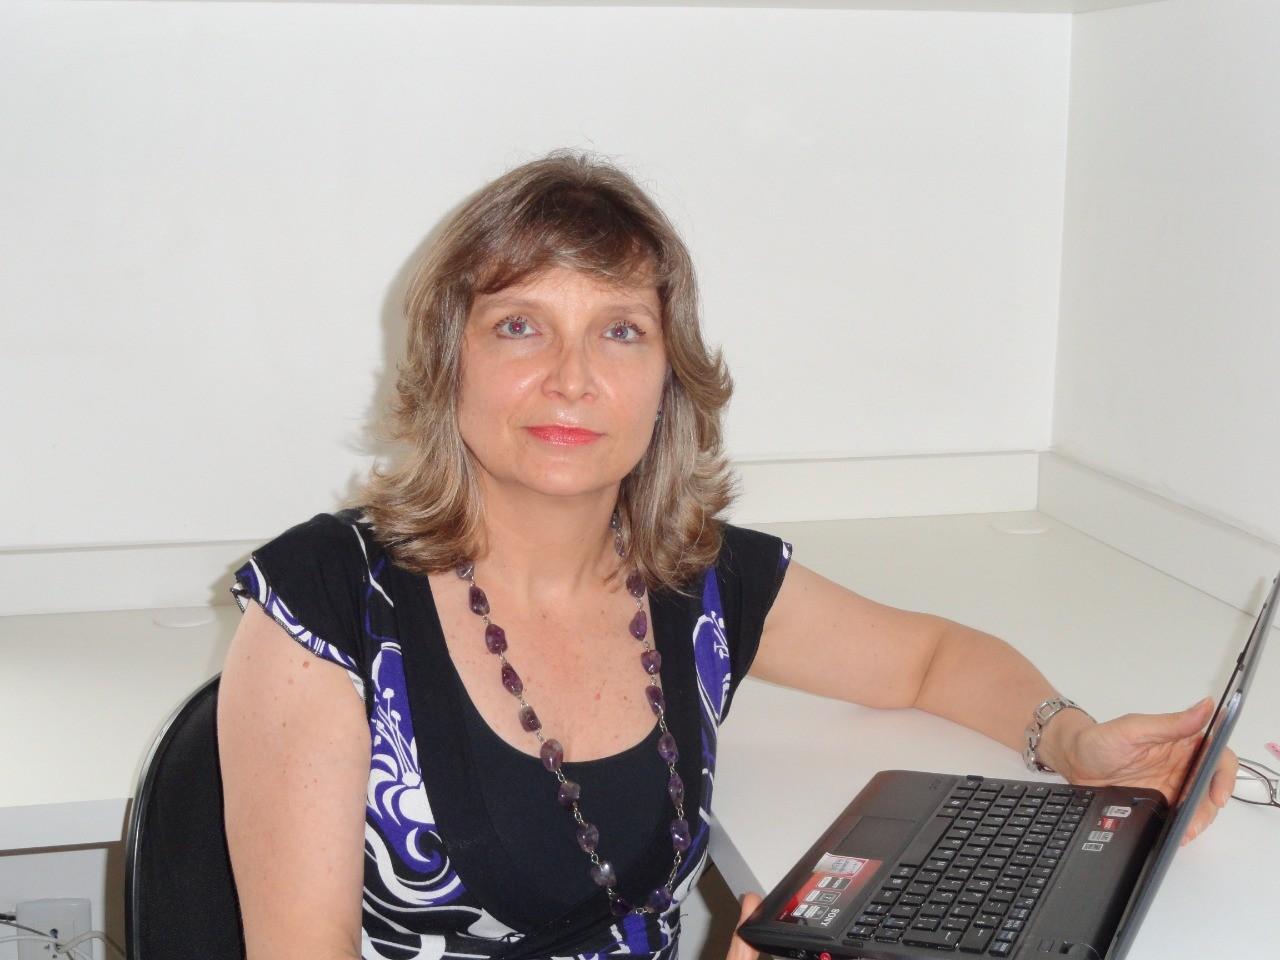 'País que não investe em ciência está fadado ao retrocesso', diz professora da UFRGS em lista de 100 cientistas analíticos mais influentes do mundo